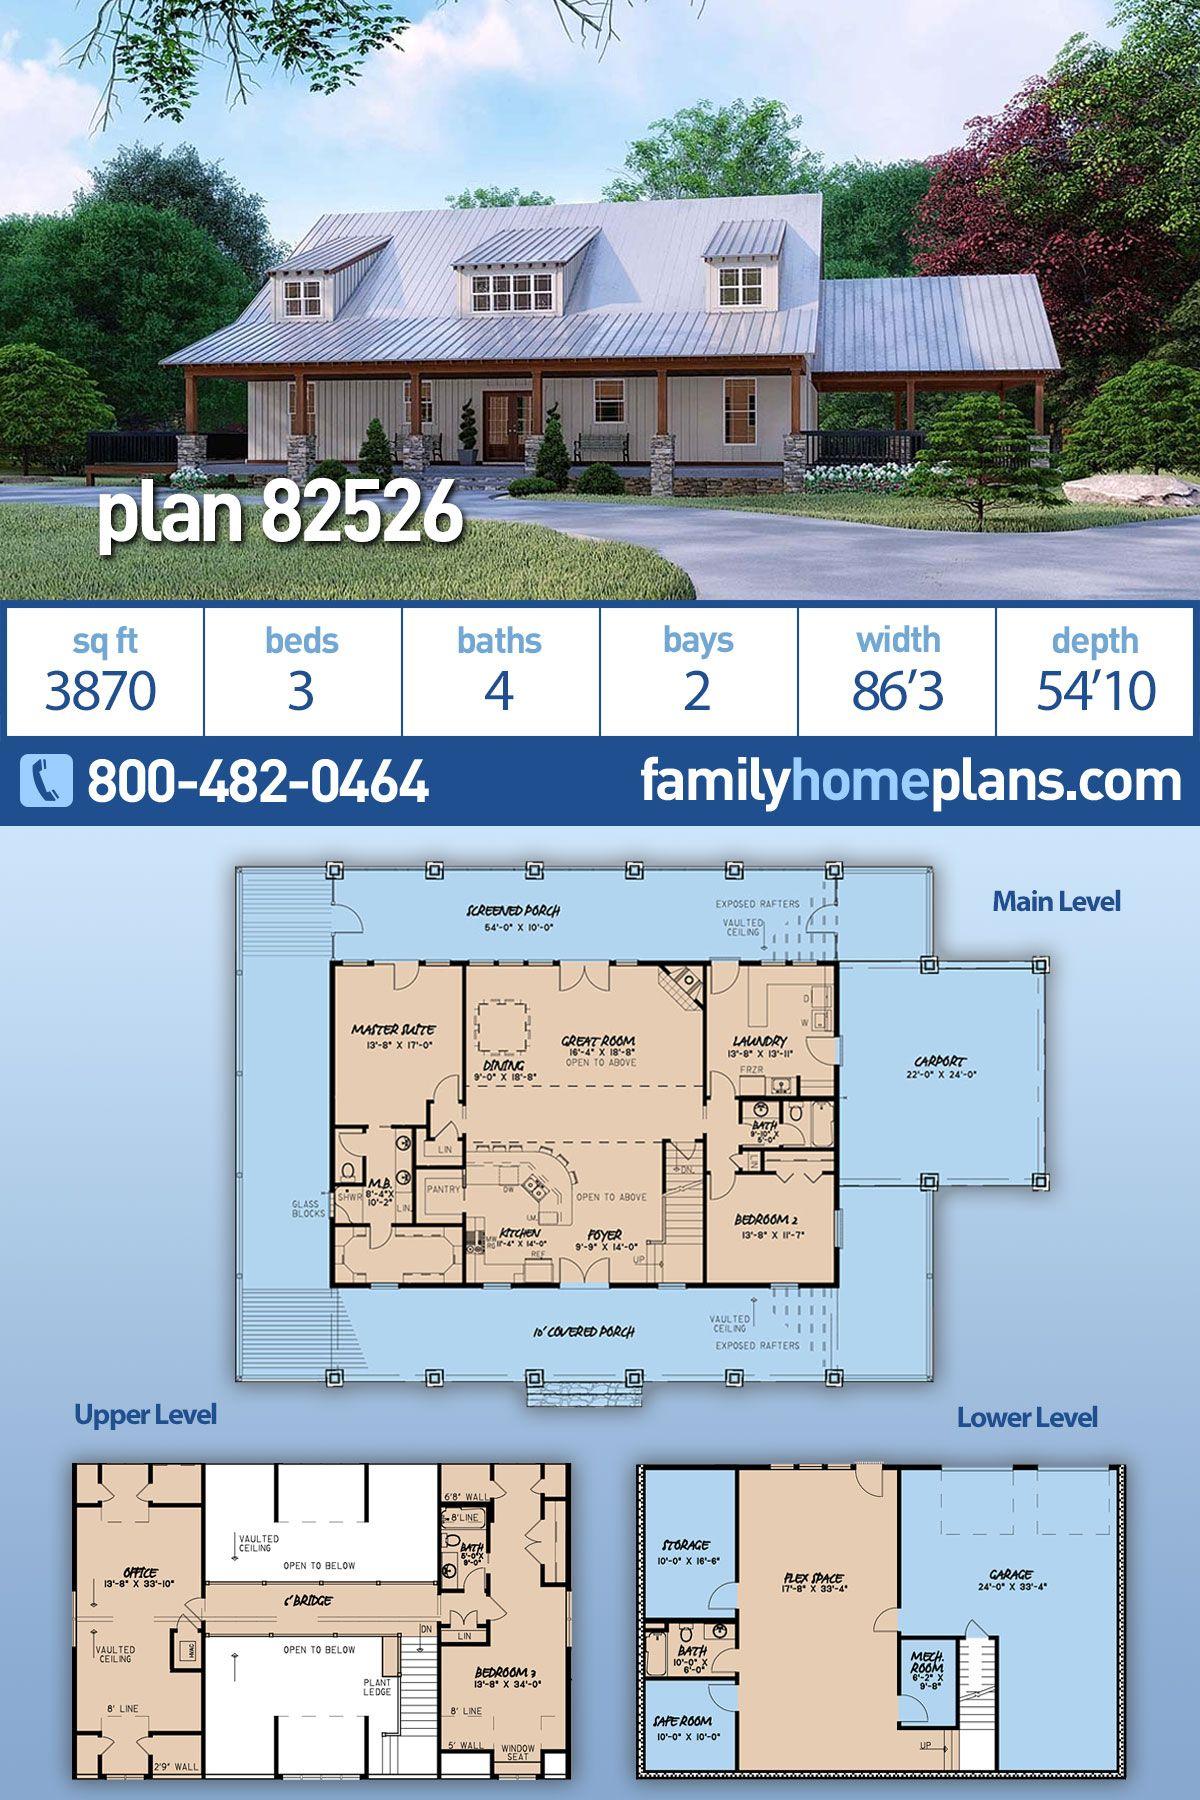 Farmhouse Style House Plan 82526 With 3 Bed 4 Bath 2 Car Garage House Plans Farmhouse Farmhouse Style House Barn House Plans